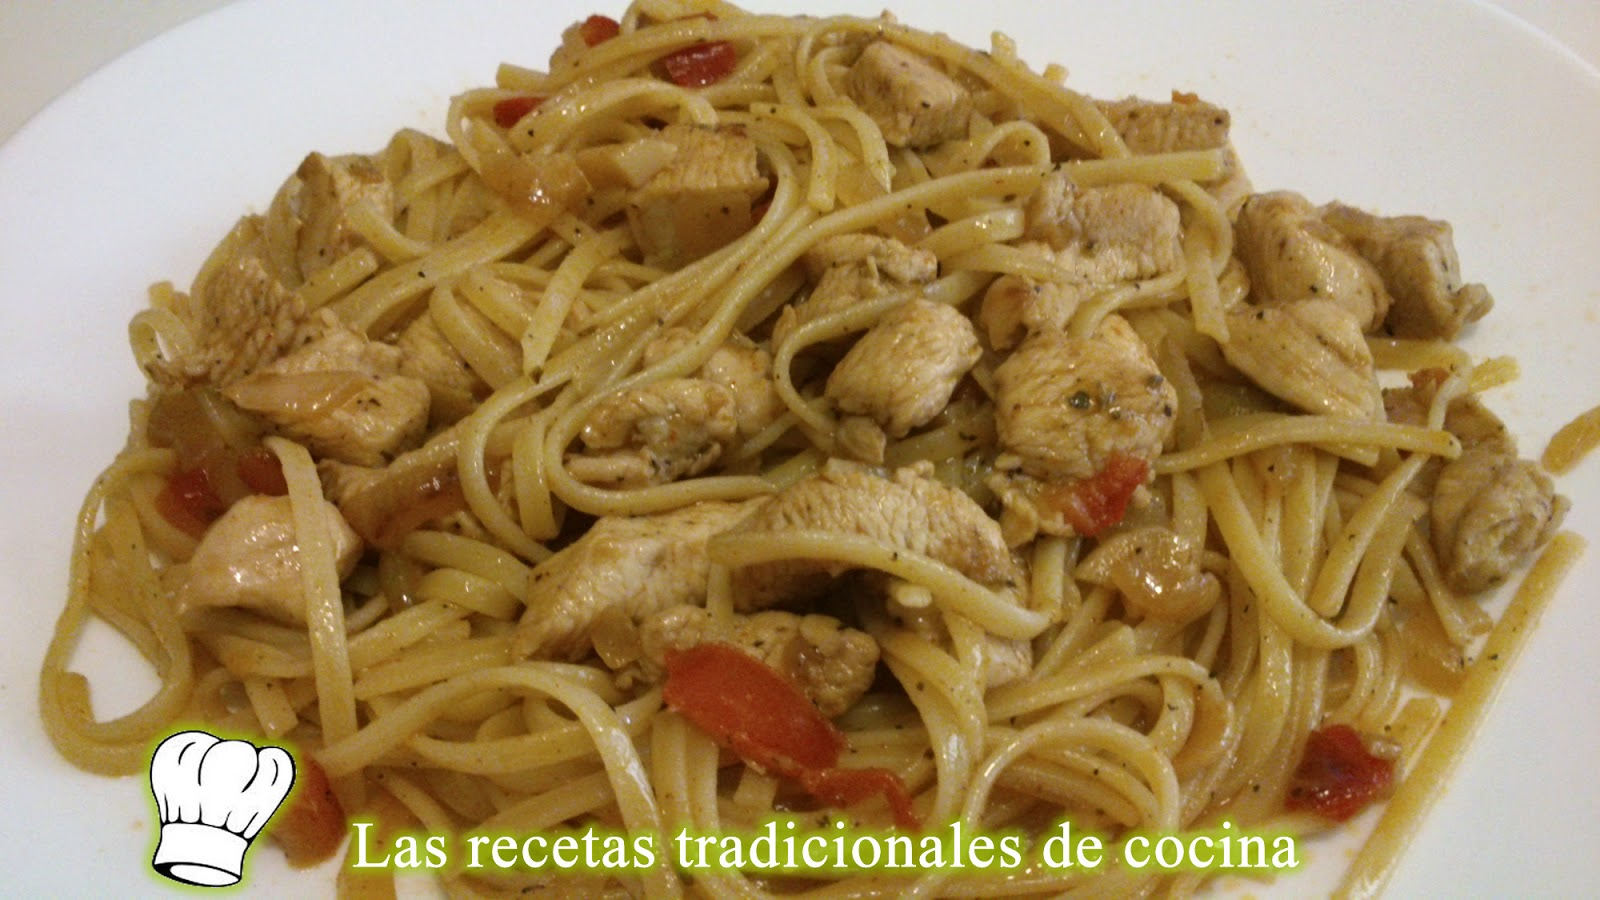 Recetas de cocina como hacer espaguetis tattoo design bild for Rectas de cocina faciles